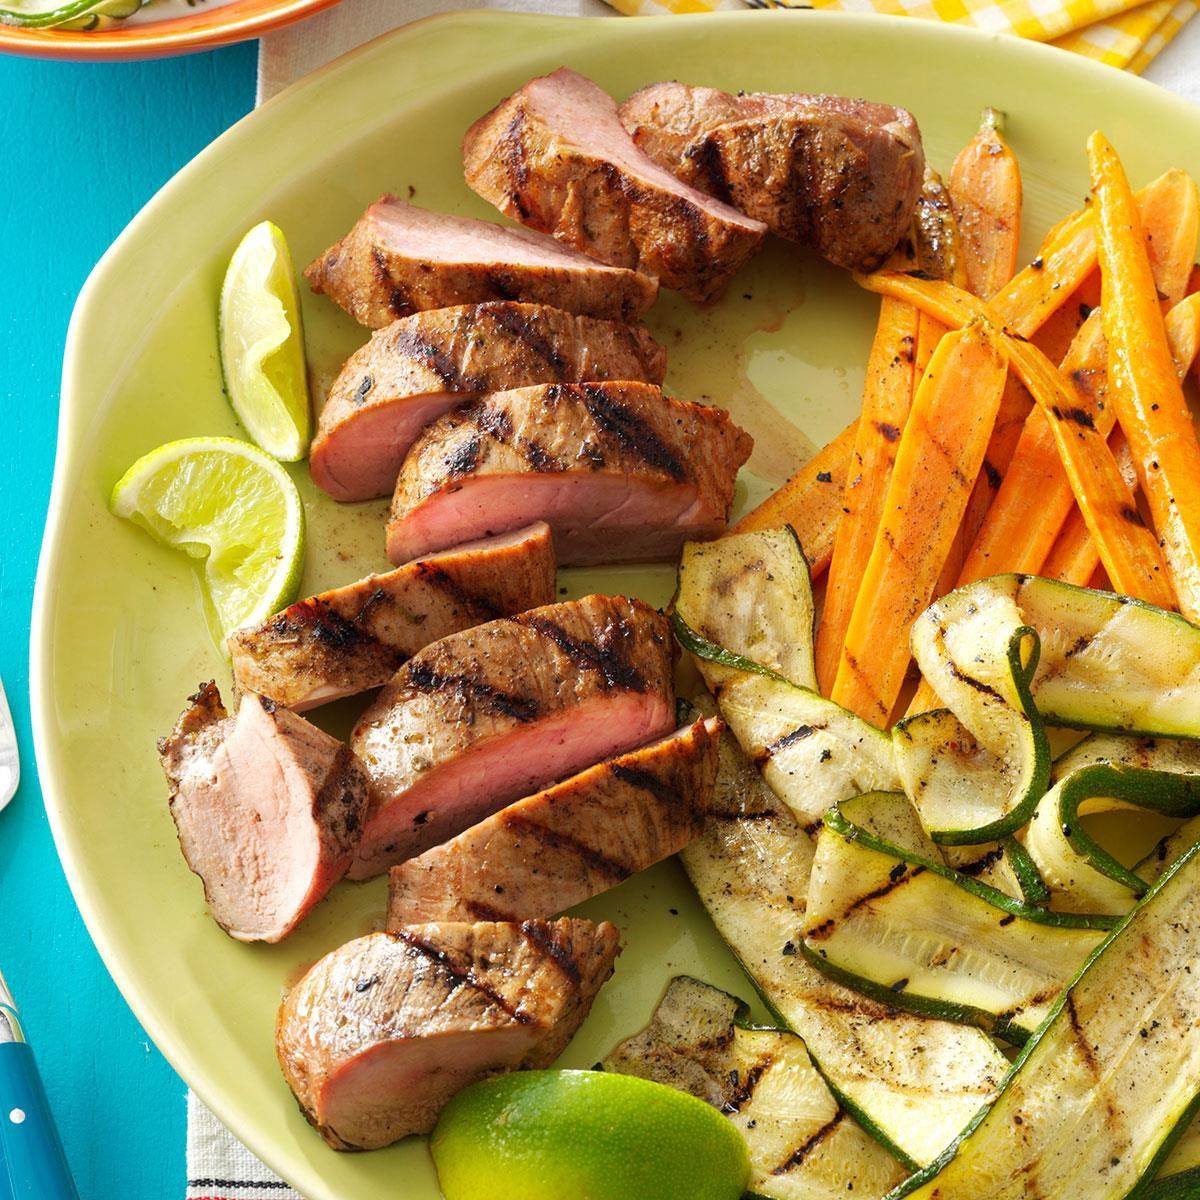 Grilled Pork Tenderloin Amp Veggies Recipe Taste Of Home